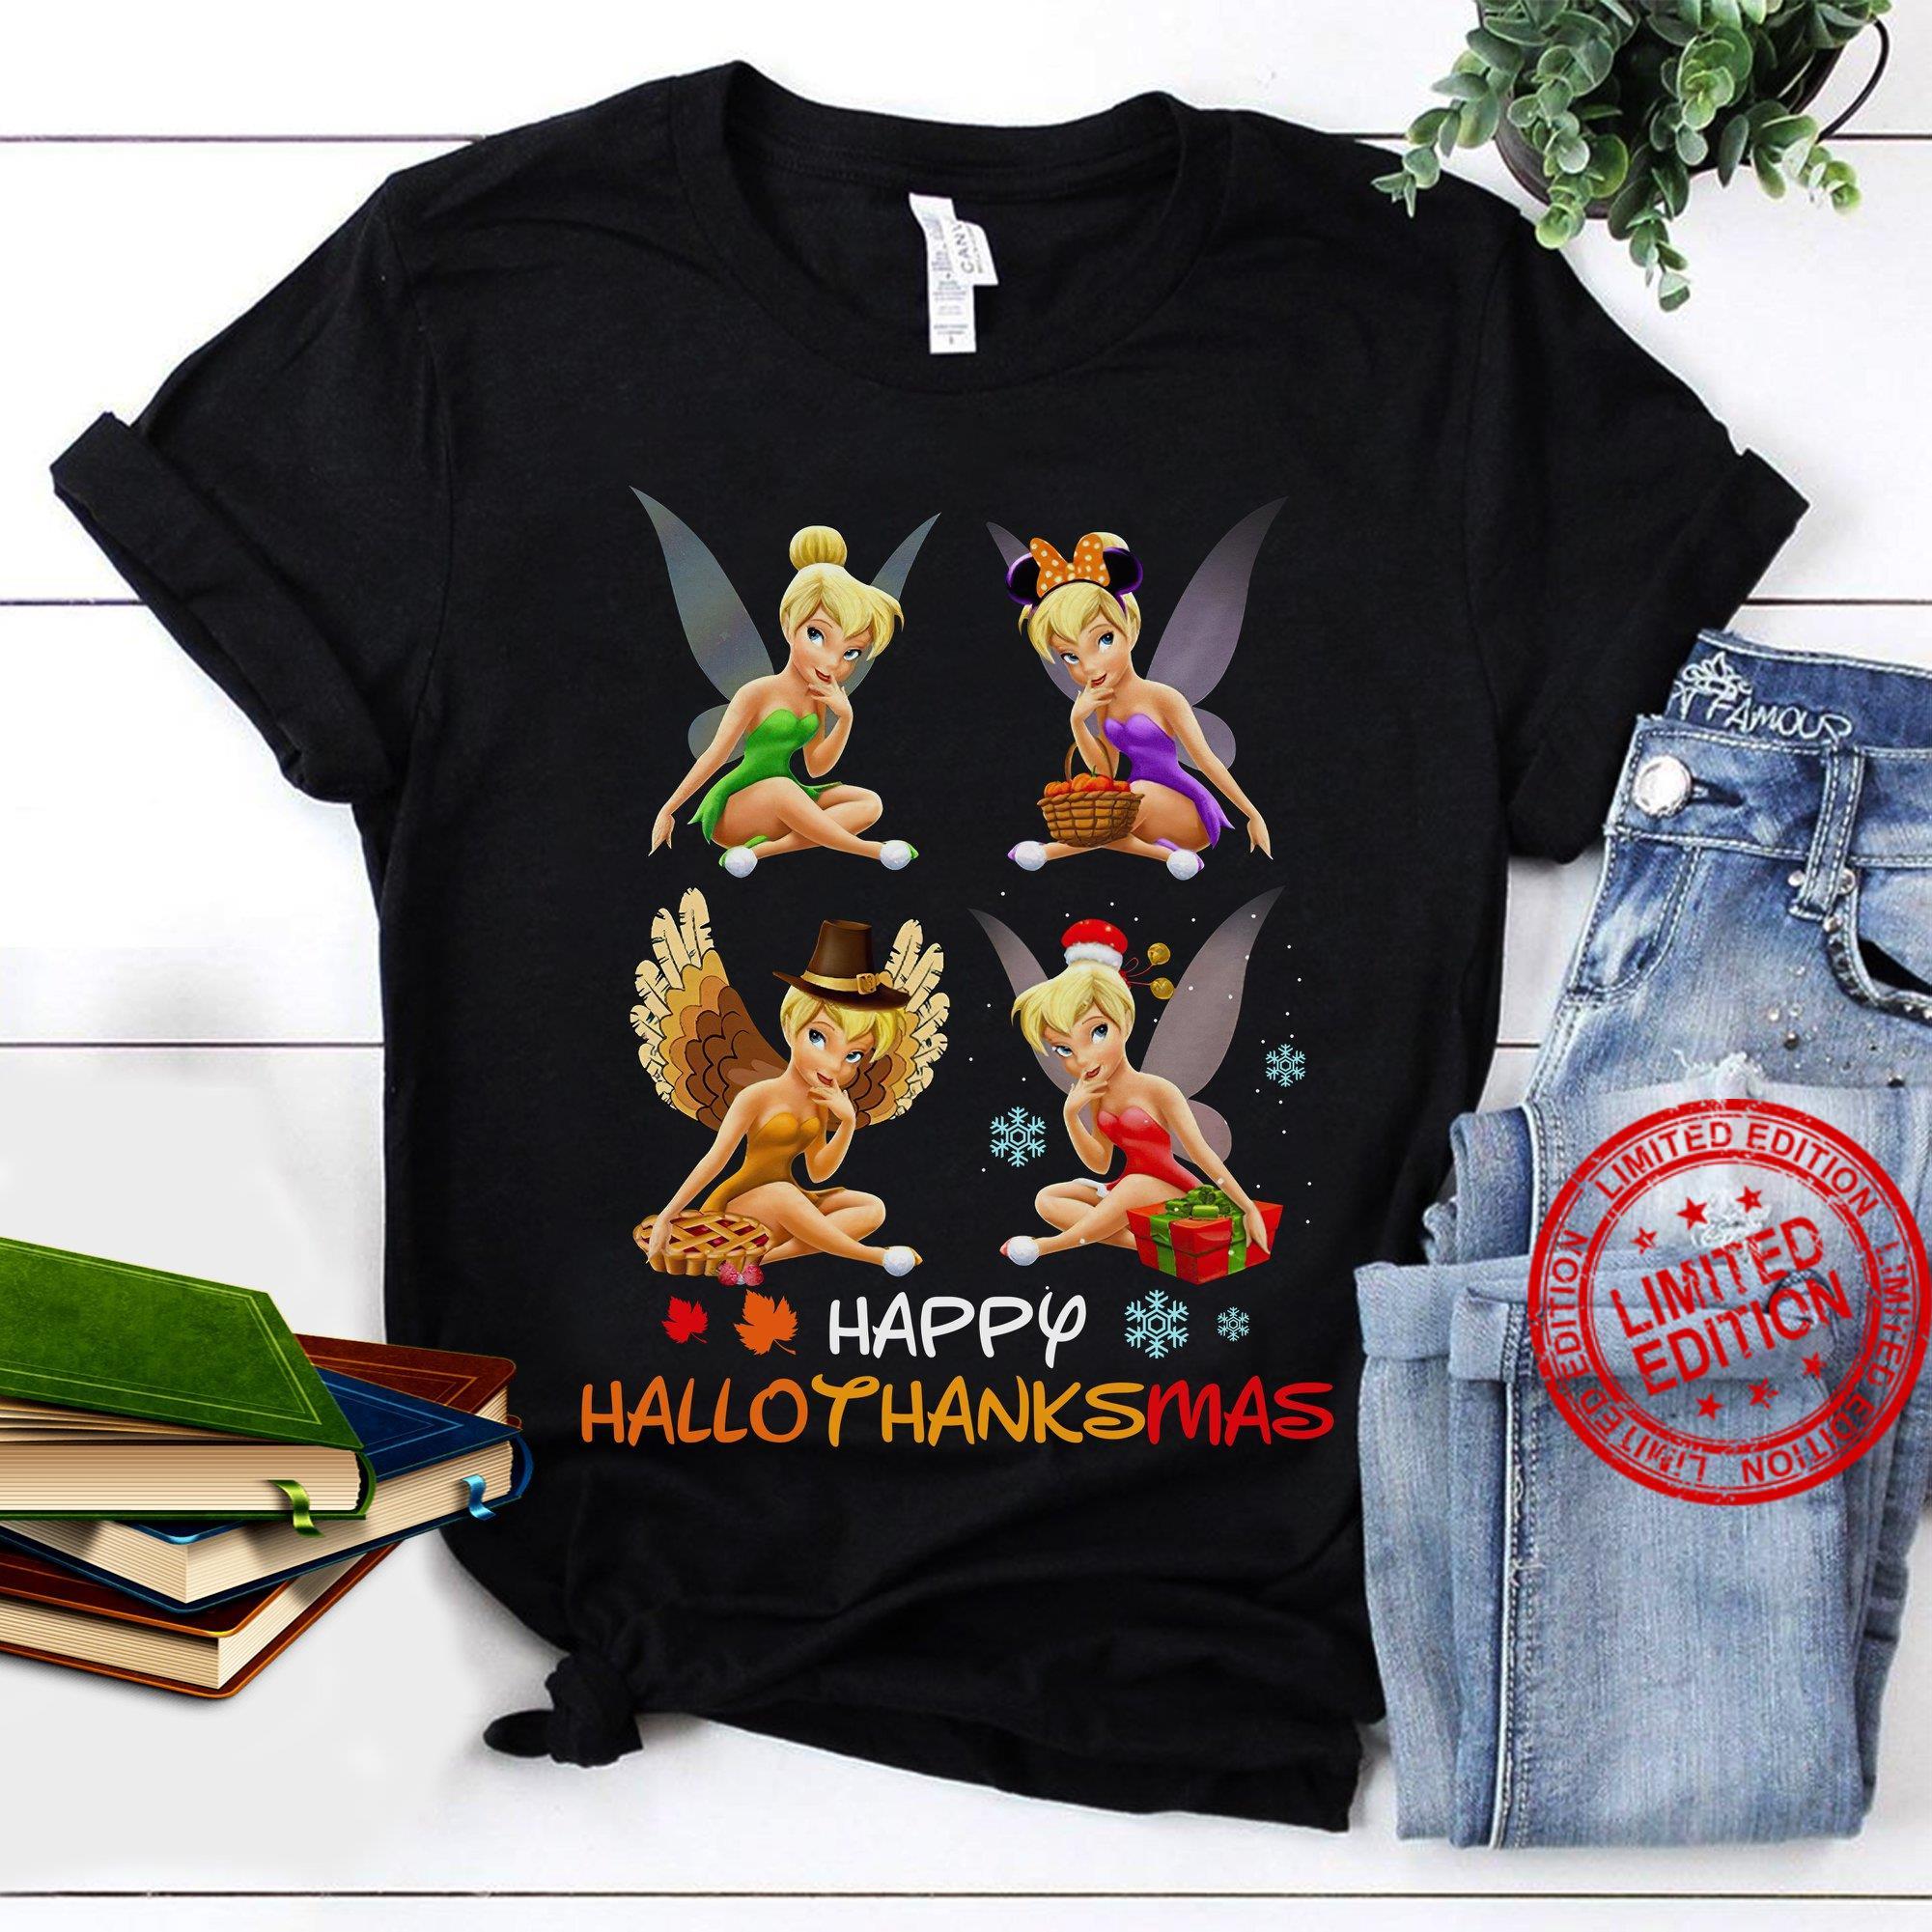 Tinkerbell Happy Hallothanksmas Shirt